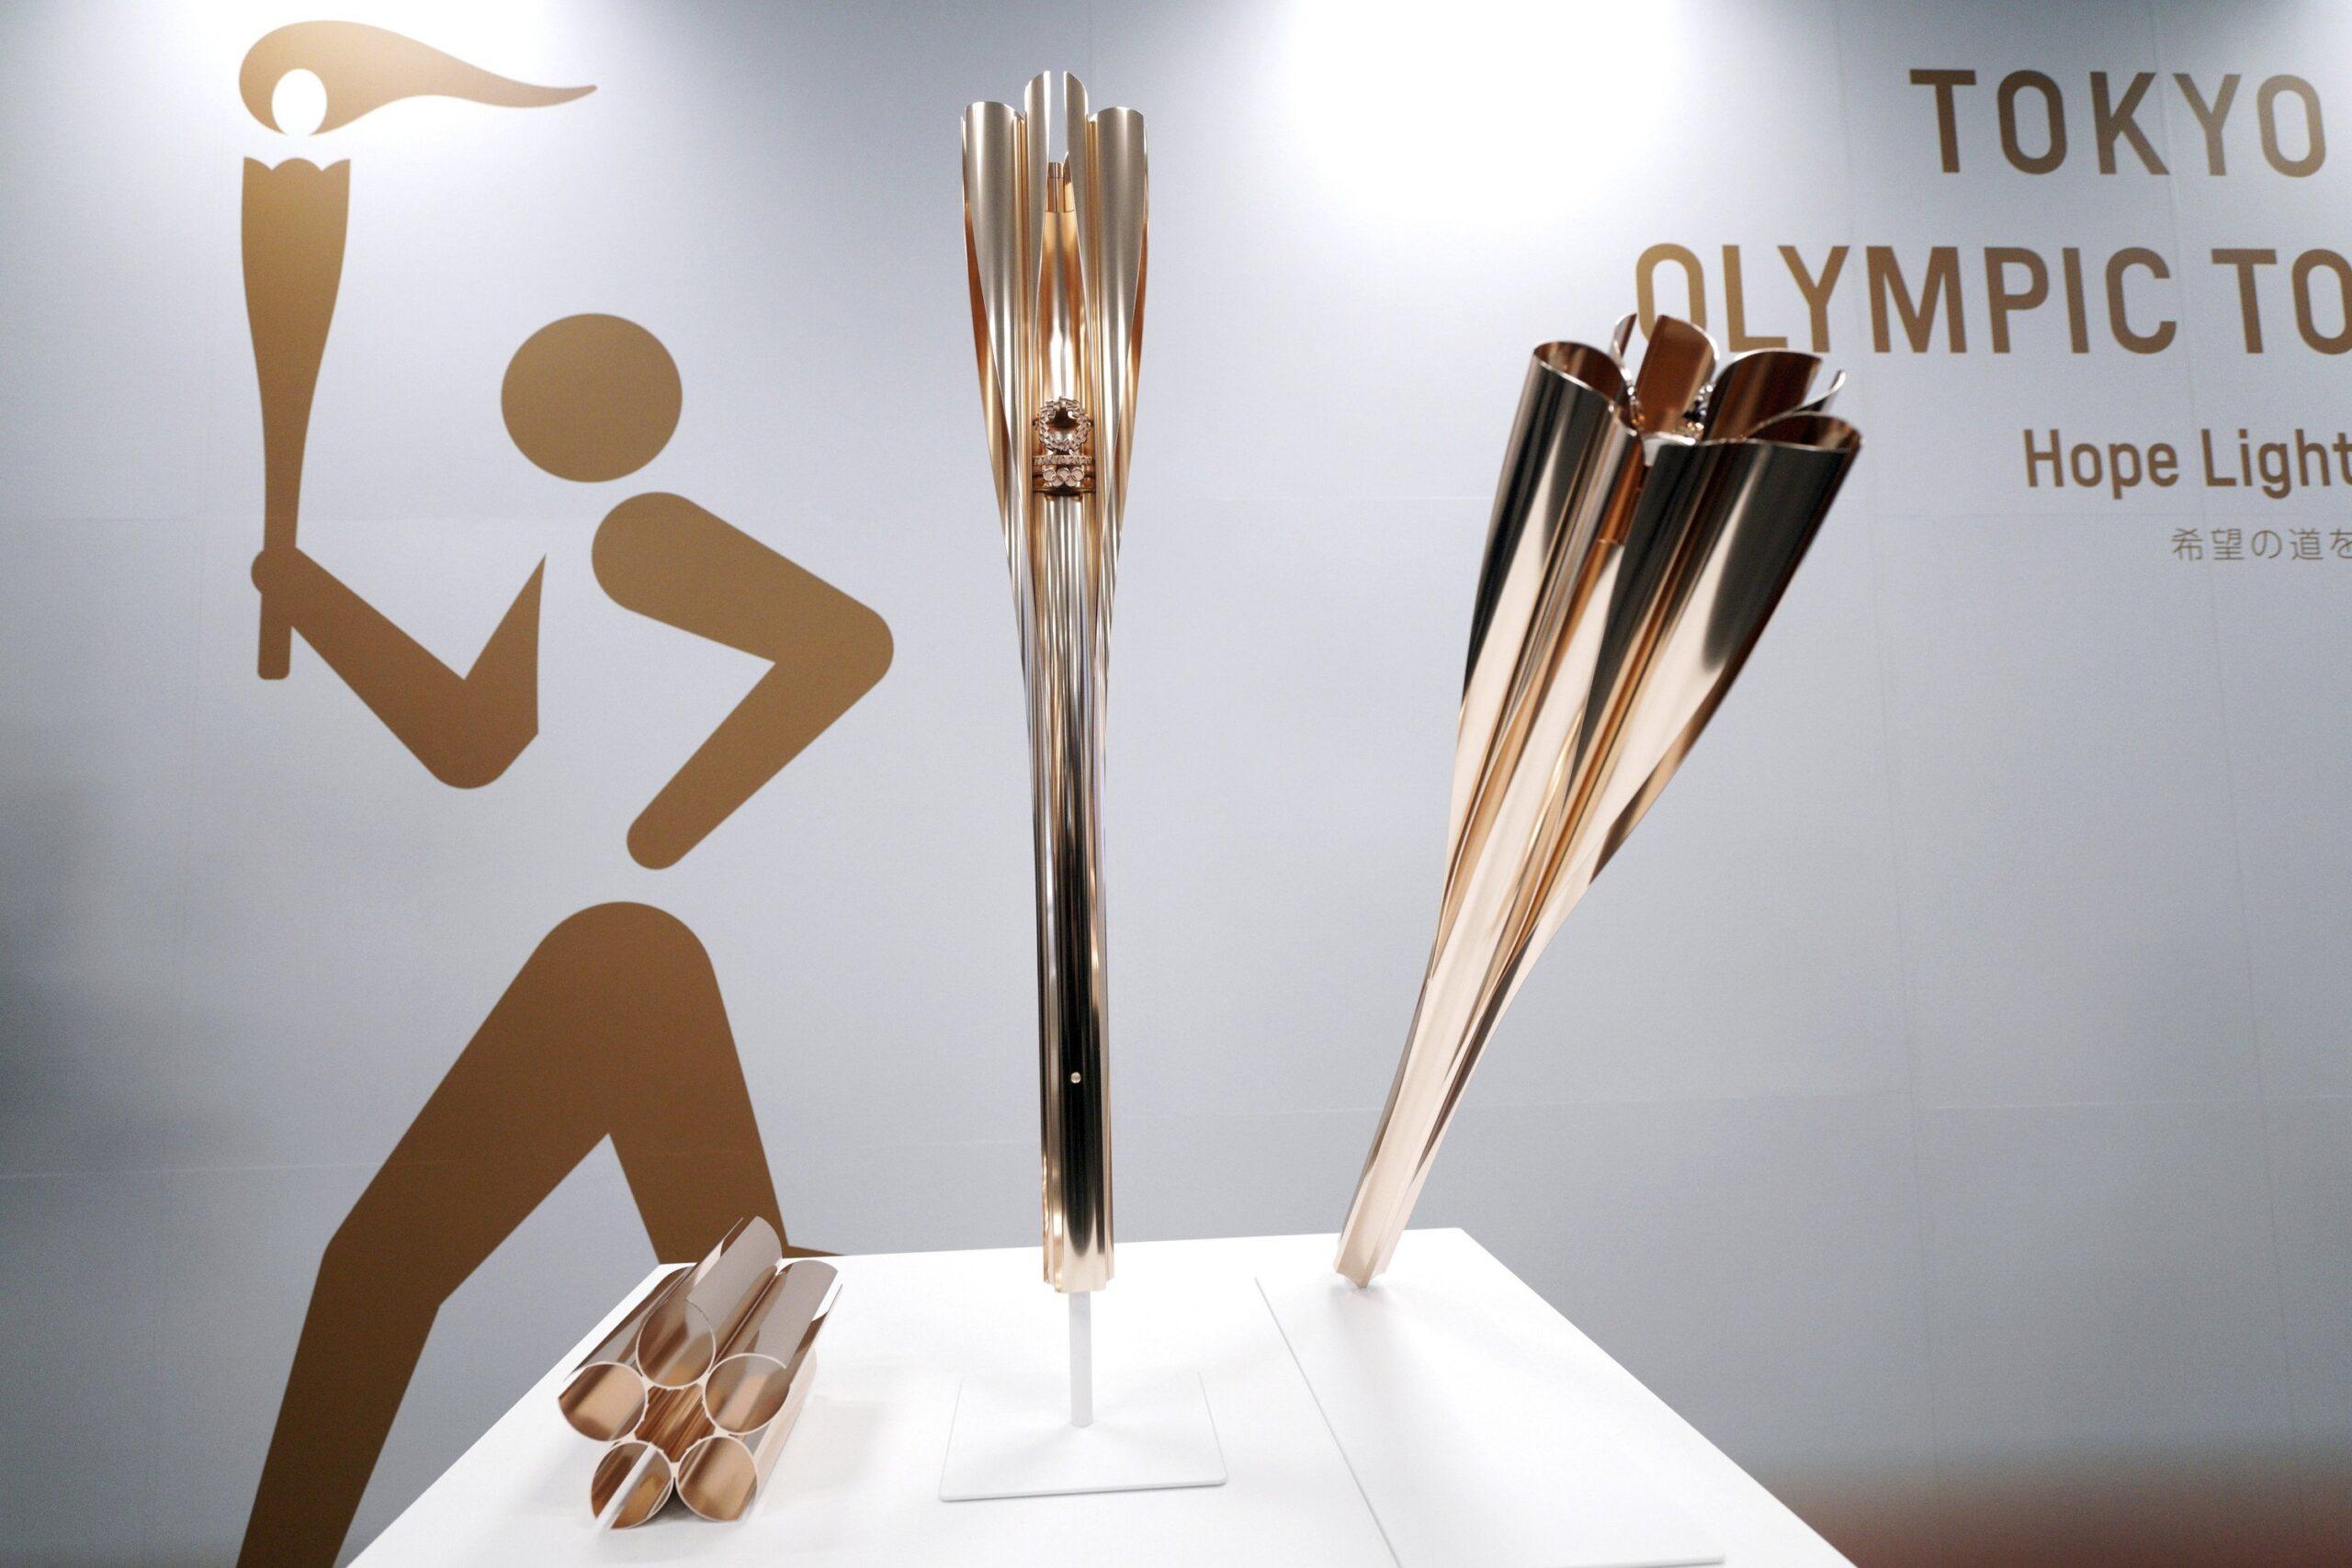 Ştafeta flăcării olimpice debutează fără spectatori, din cauza pandemiei de COVID-19